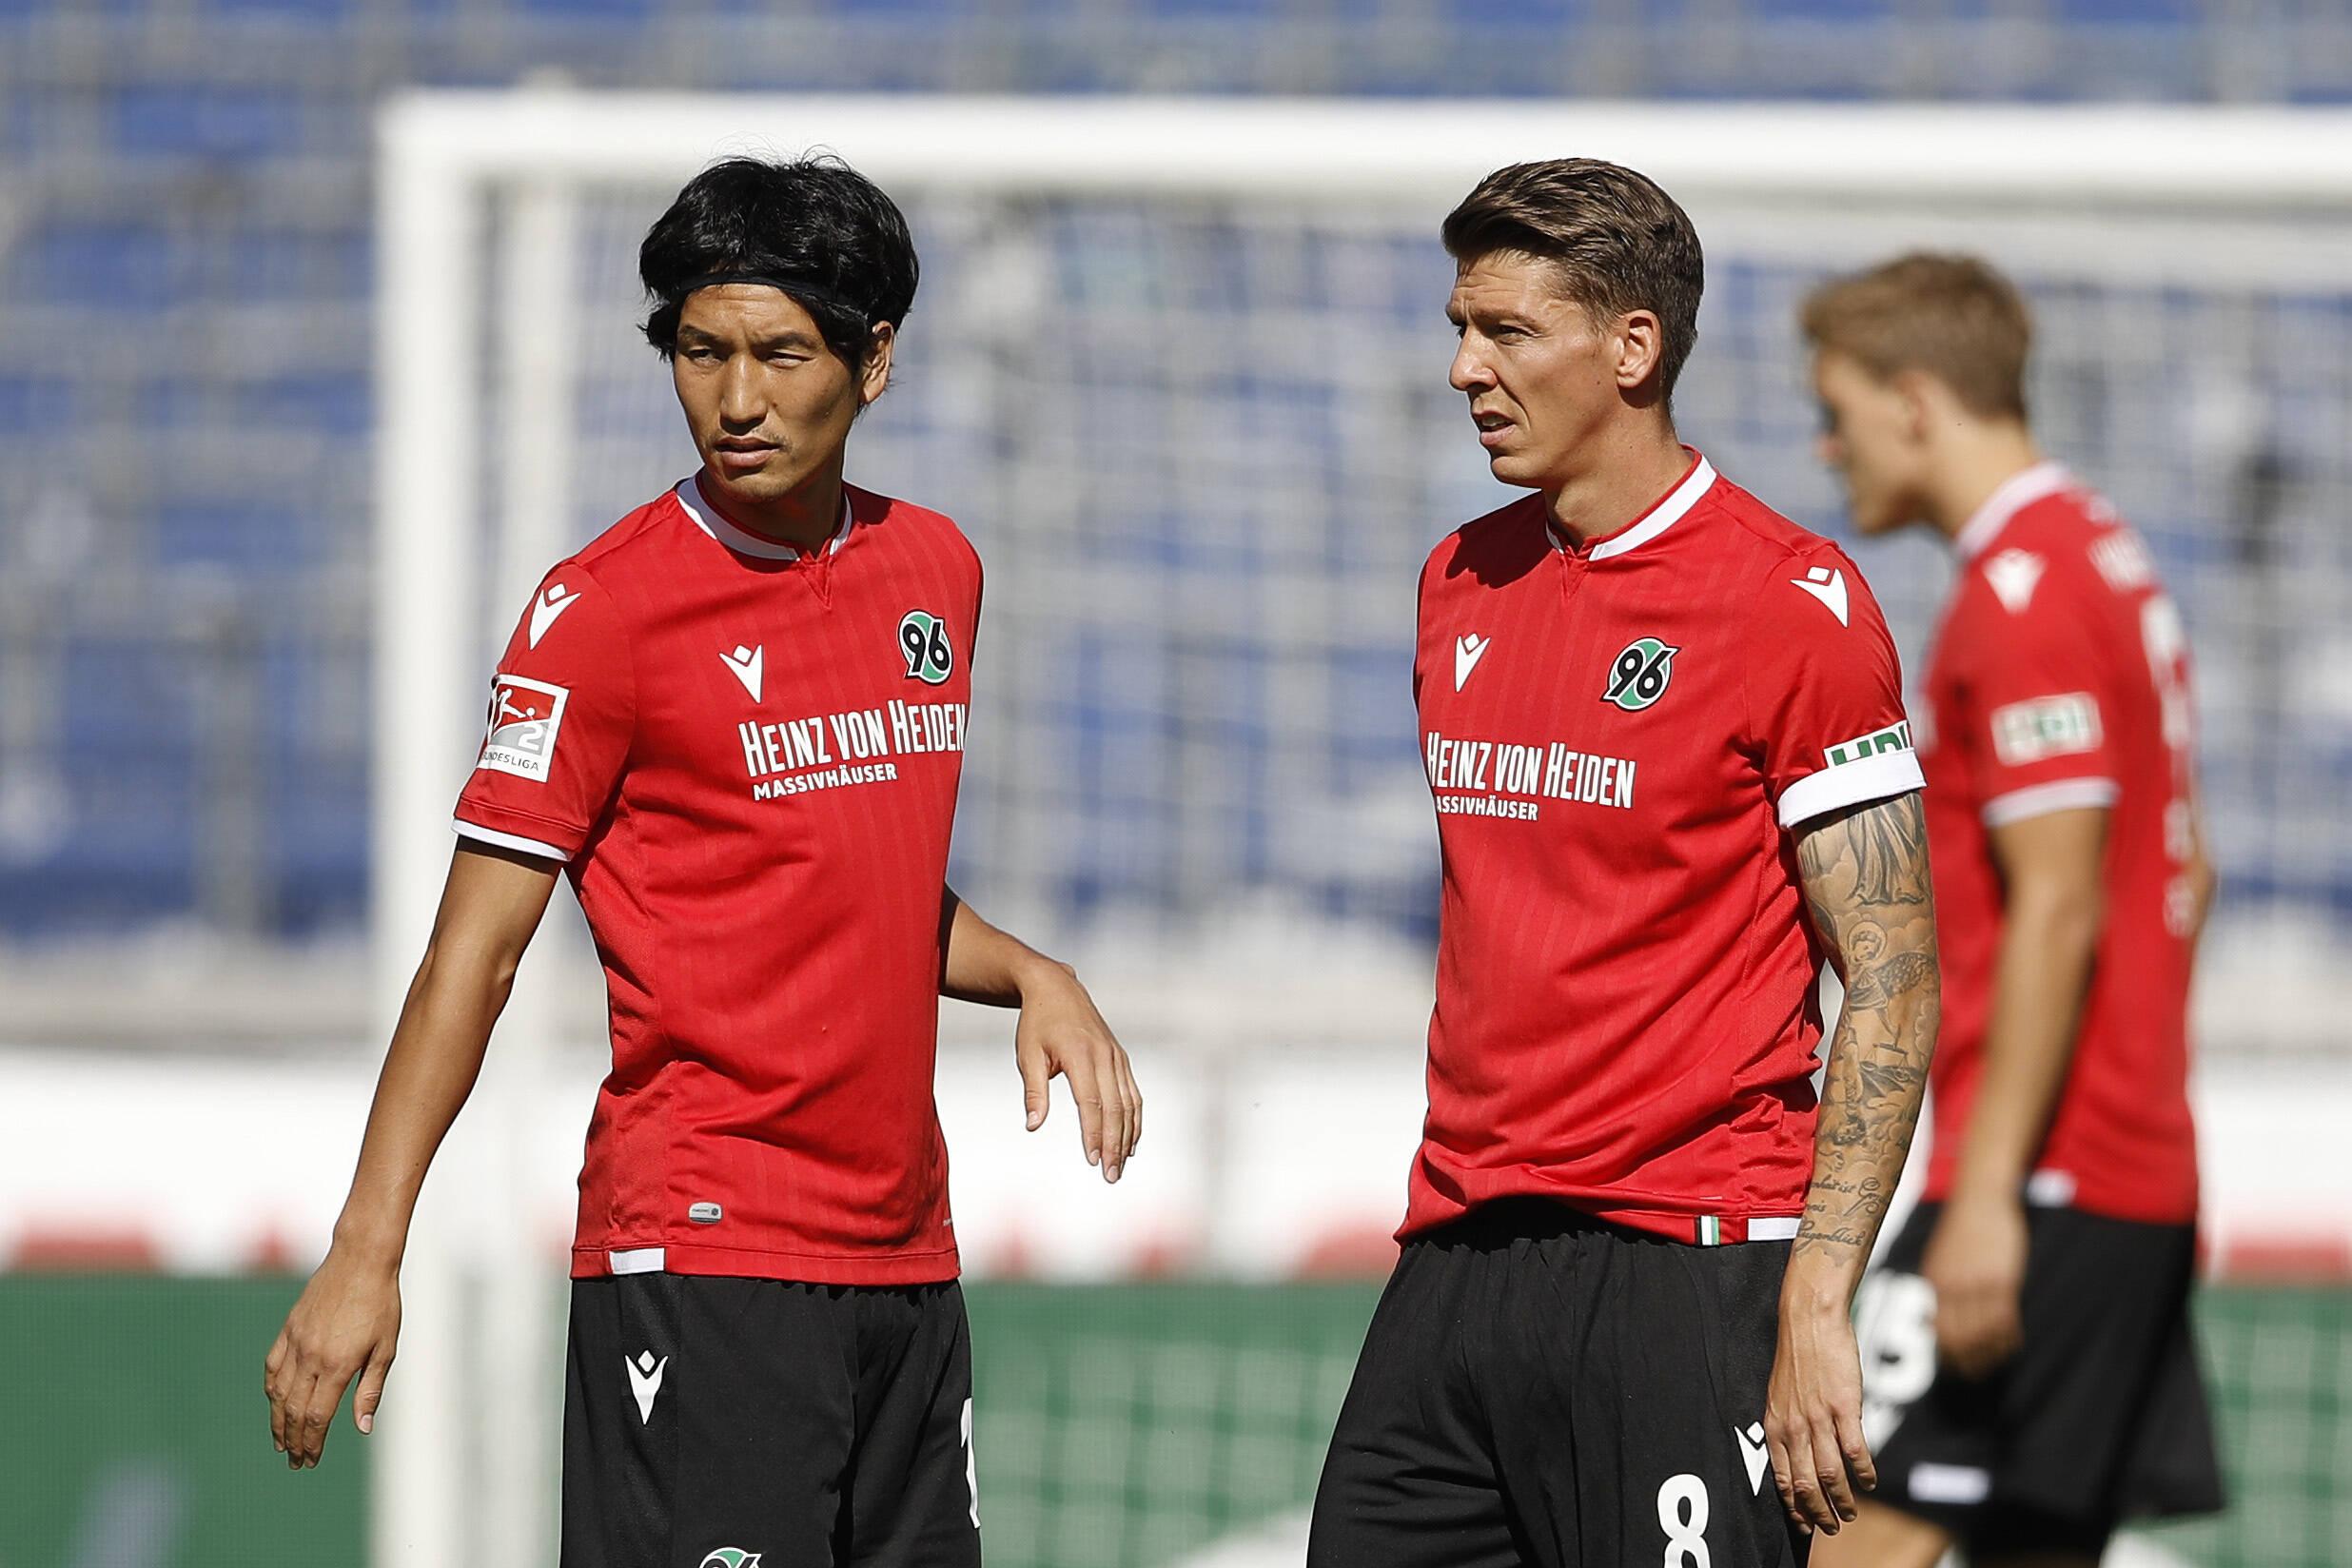 Hannover 96 gewinnt gegen den Karlsruher SC mit 2:0